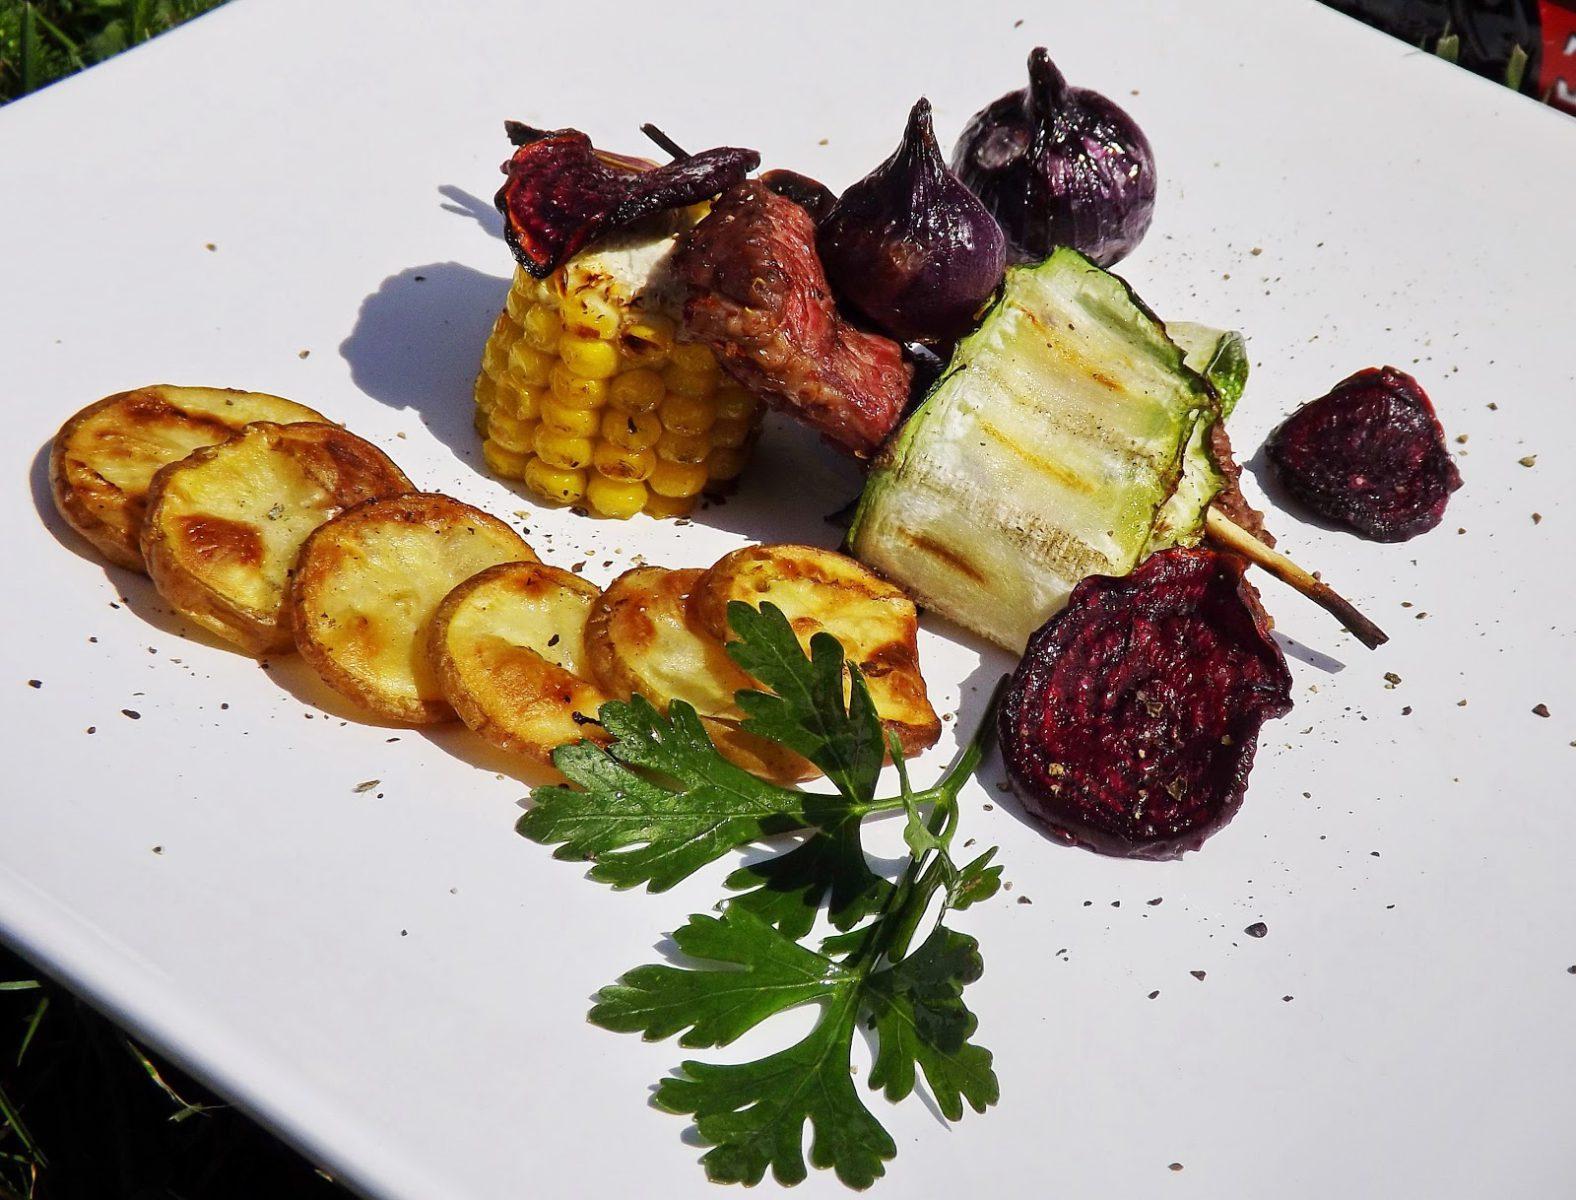 Grillowany rostbef z talarkami z ziemniaka, chipsami z buraka i warzywami